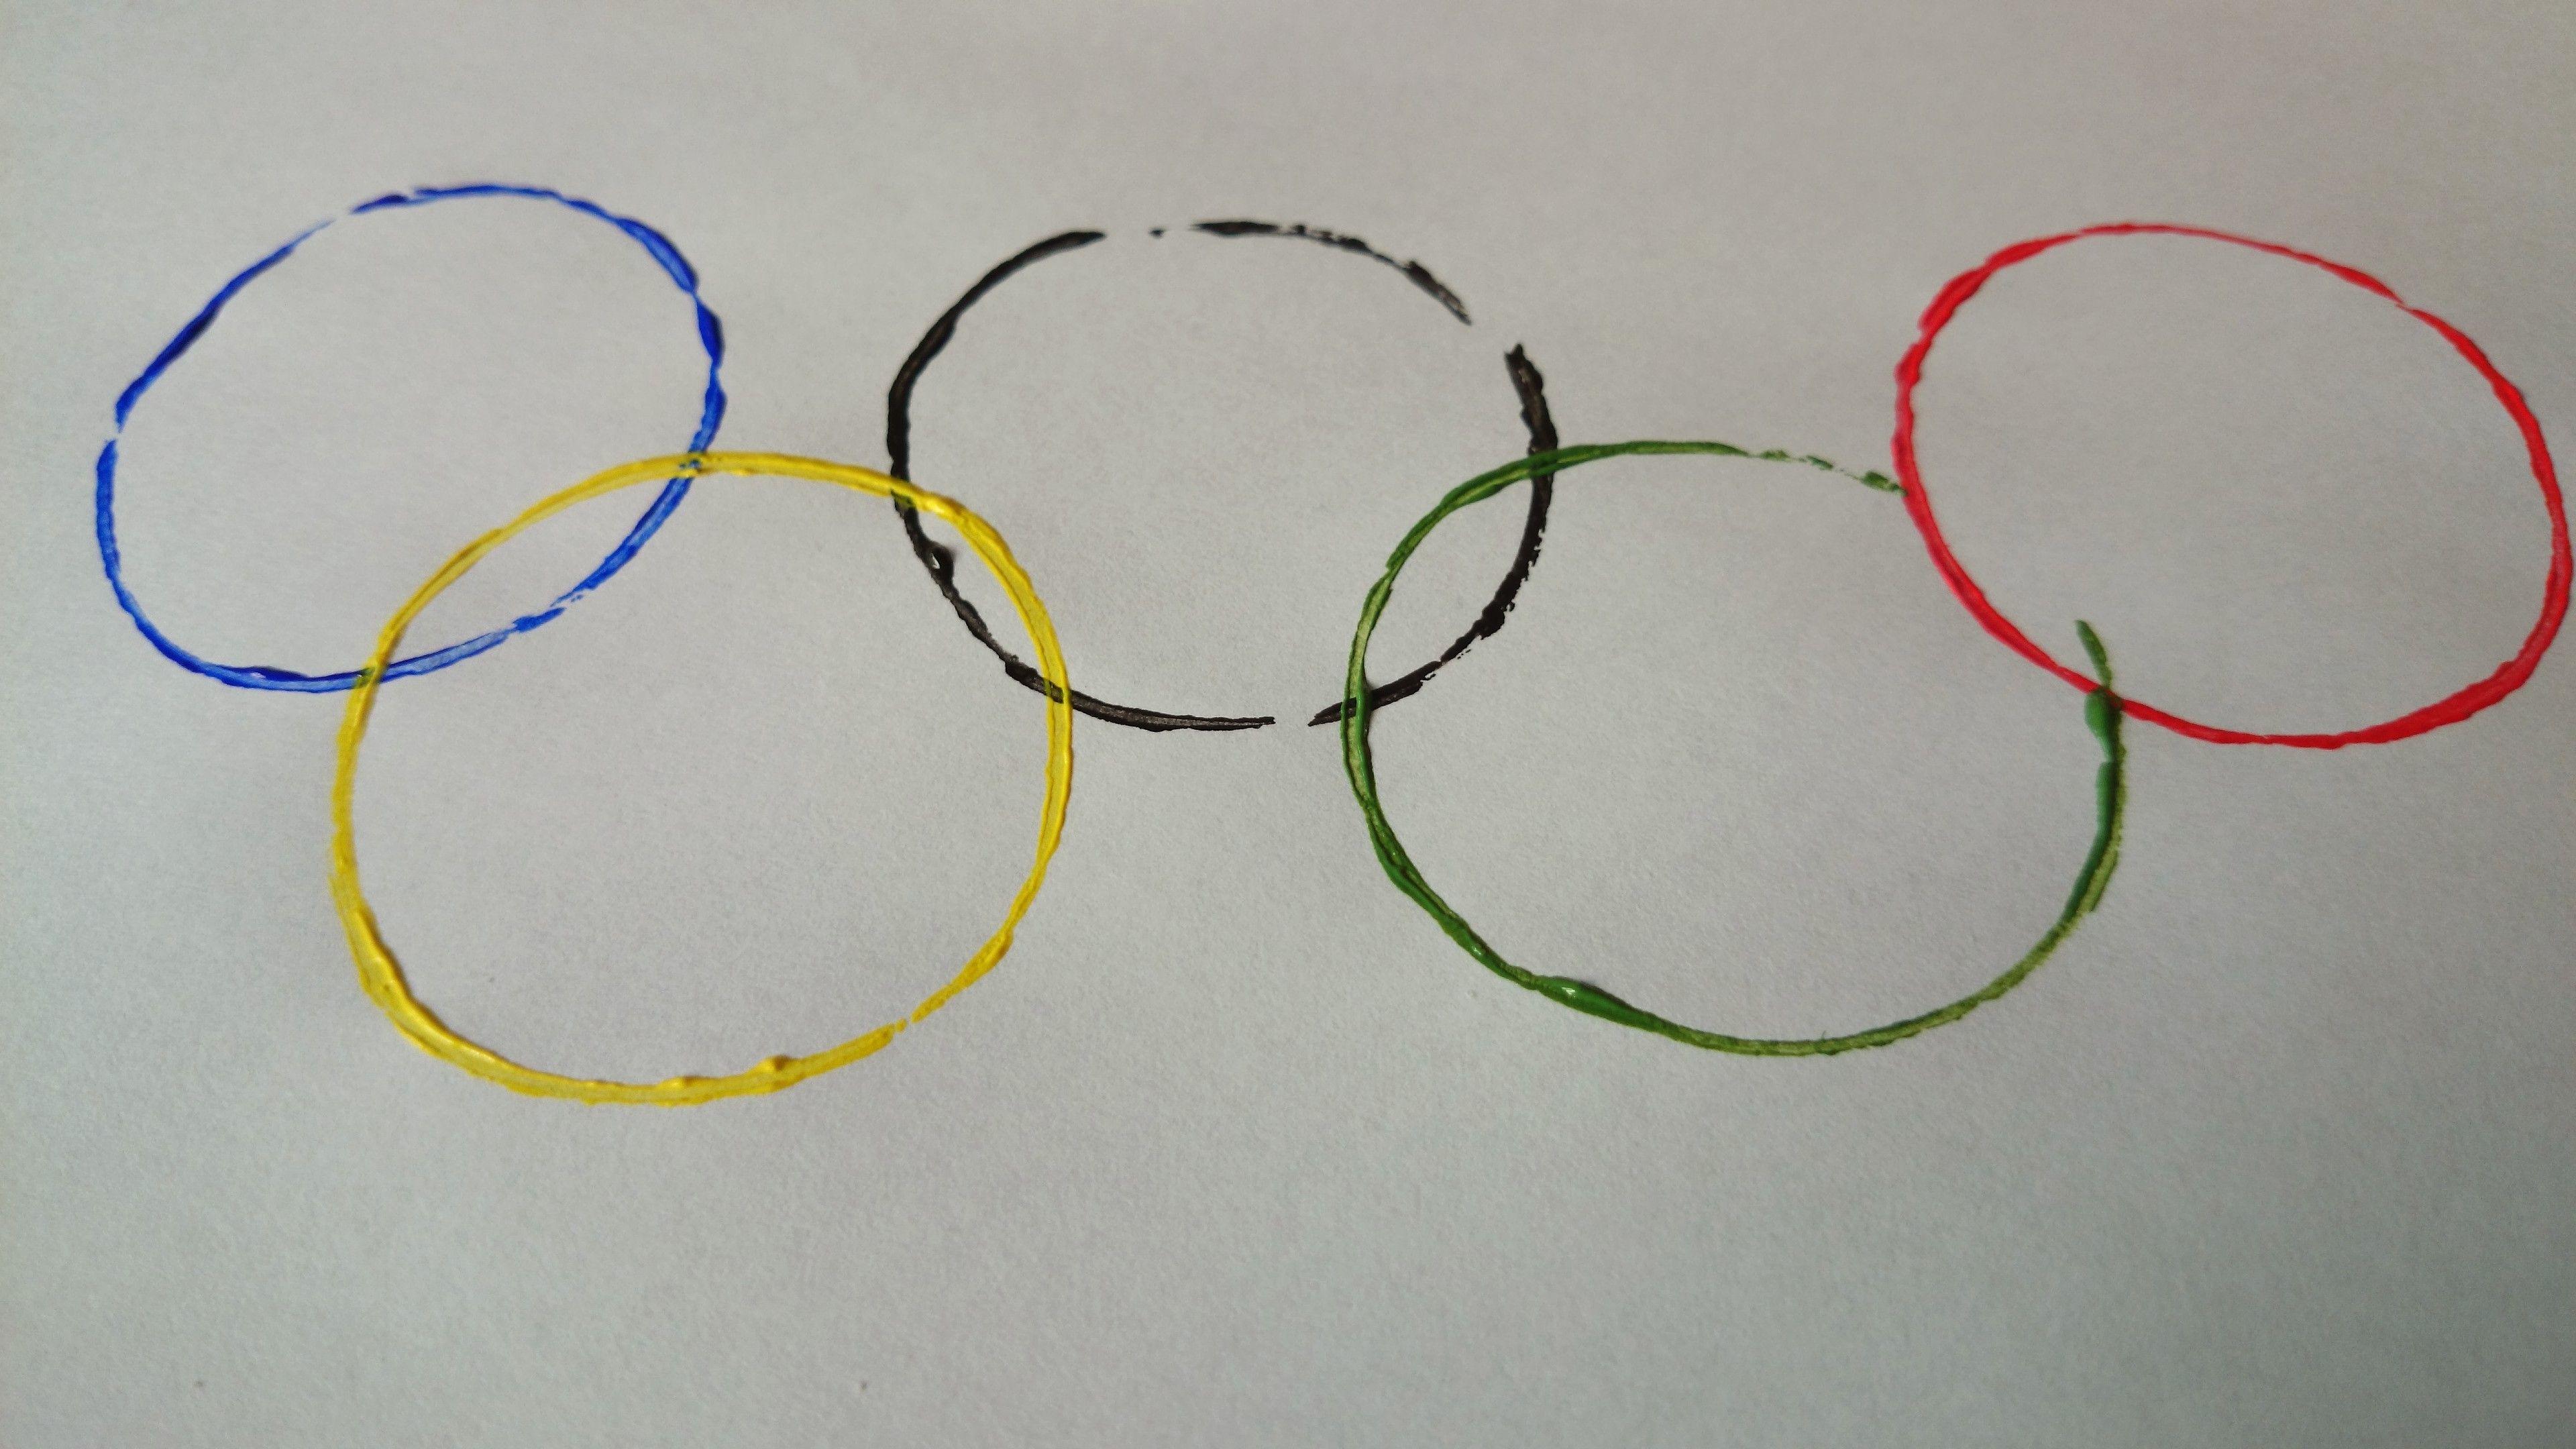 Diy Knutselen Olympische Spelen Olympic Games De Ringen Wc Rolletjes Paint Verf Olympische Spelen Winterspelen Olympische Winterspelen